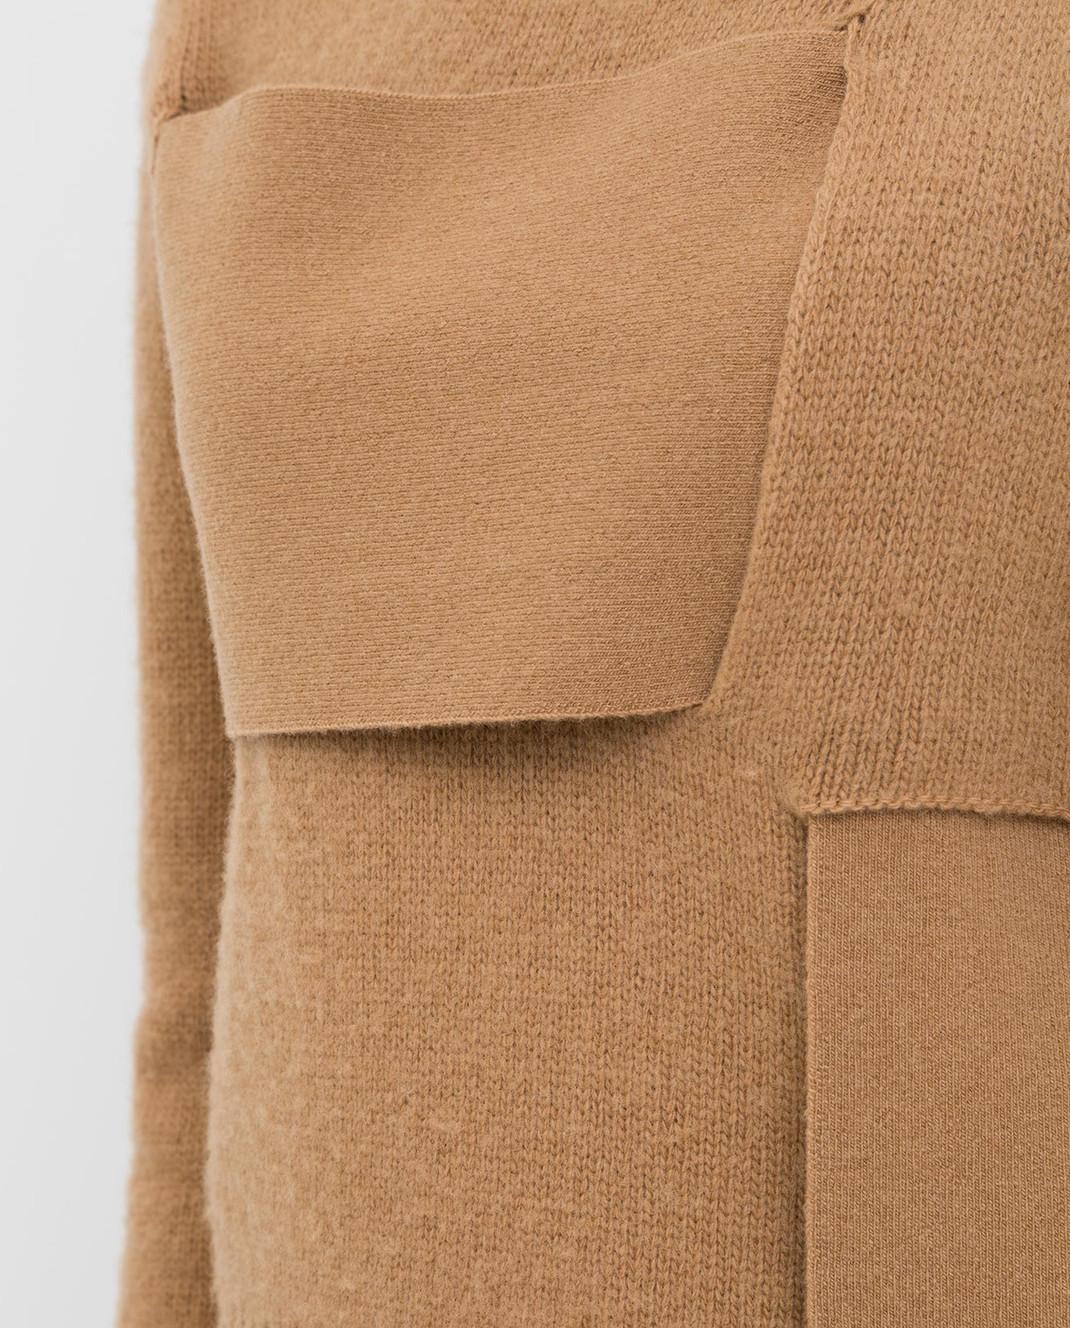 Bottega Veneta Бежевый свитер из шерсти 577543 изображение 5